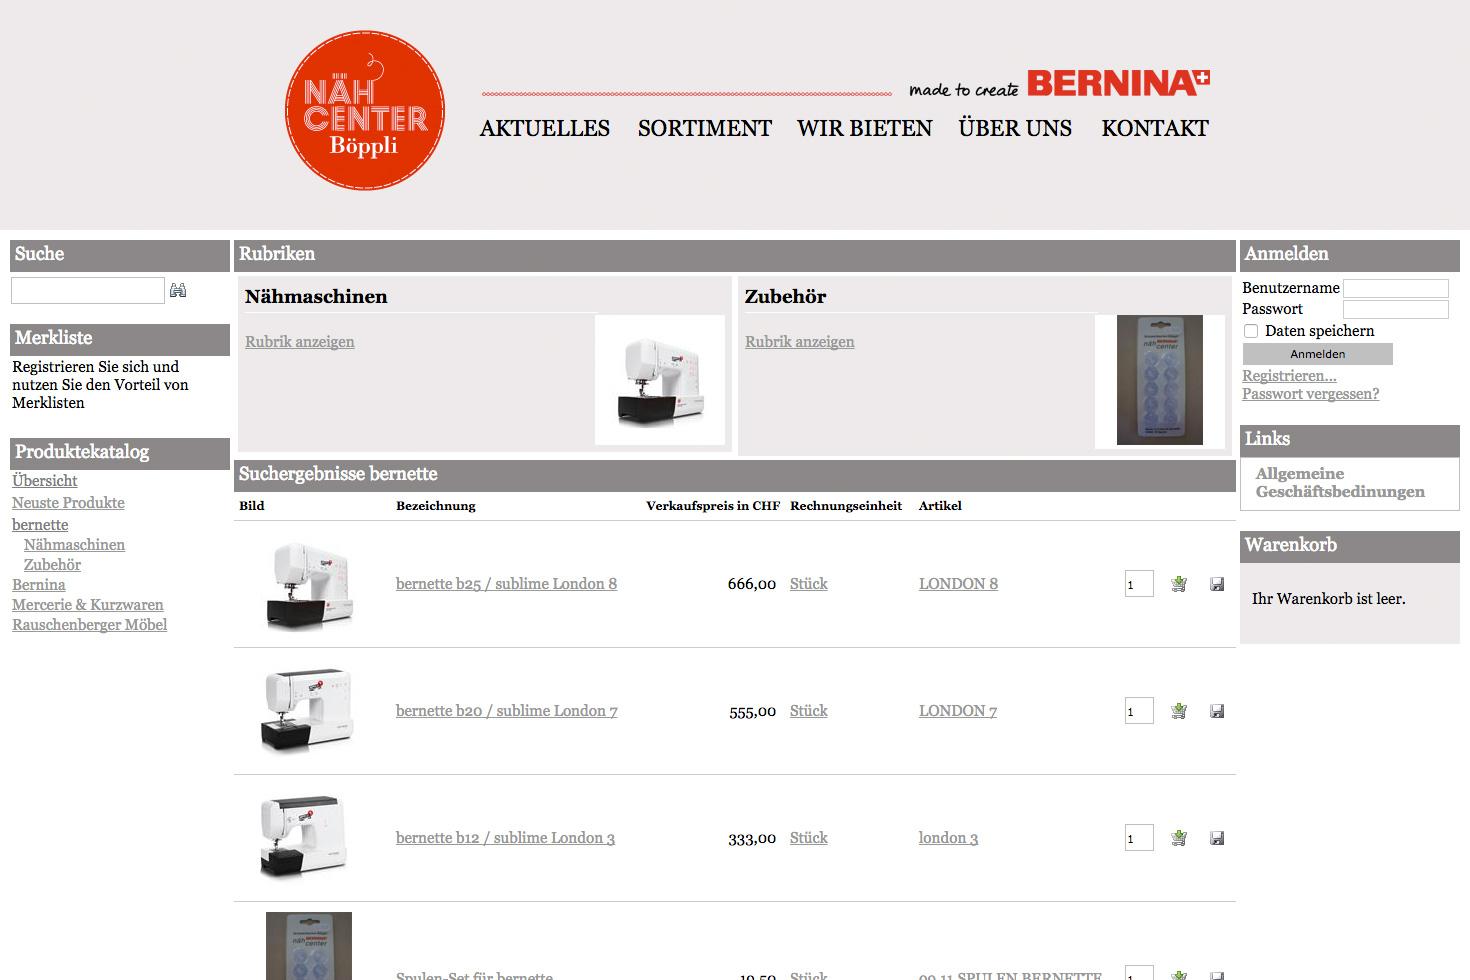 Bild 4 vom Böppli Nähcenter Webseite